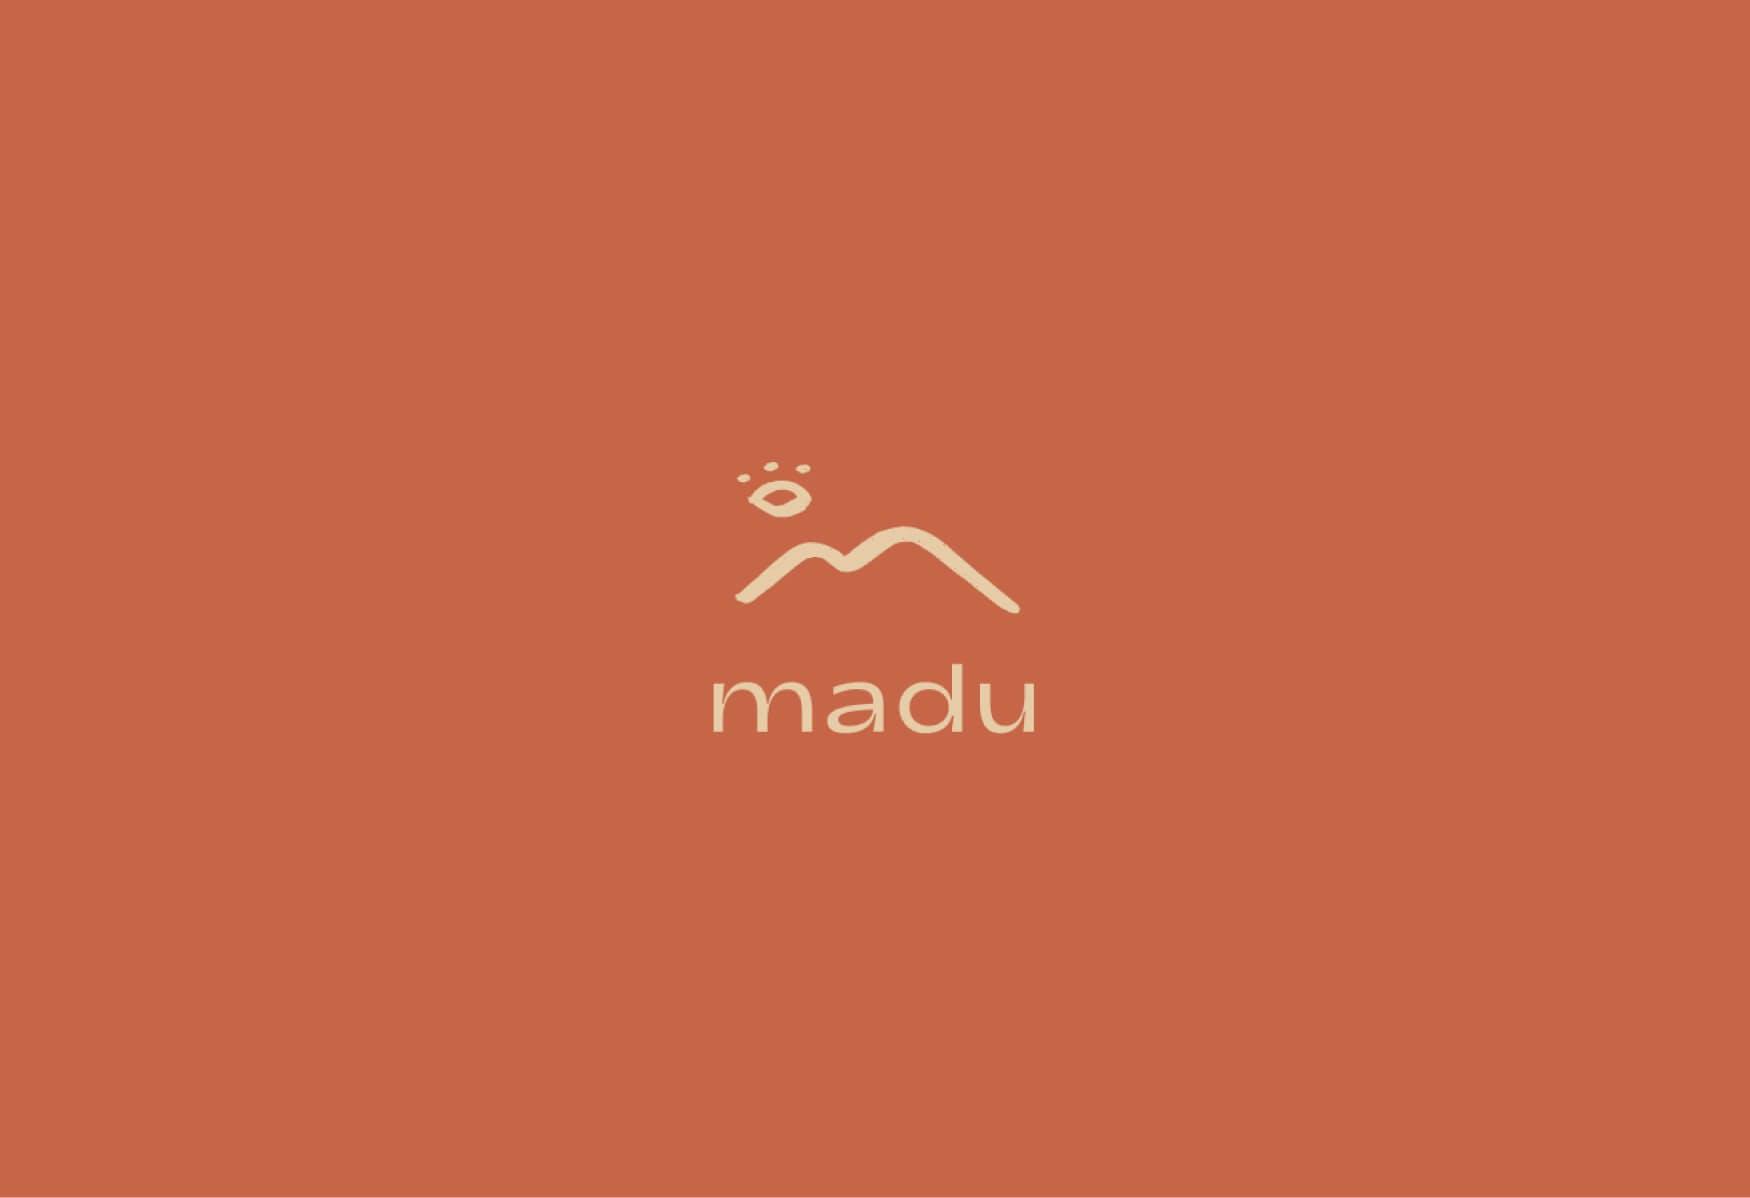 Madu logotype